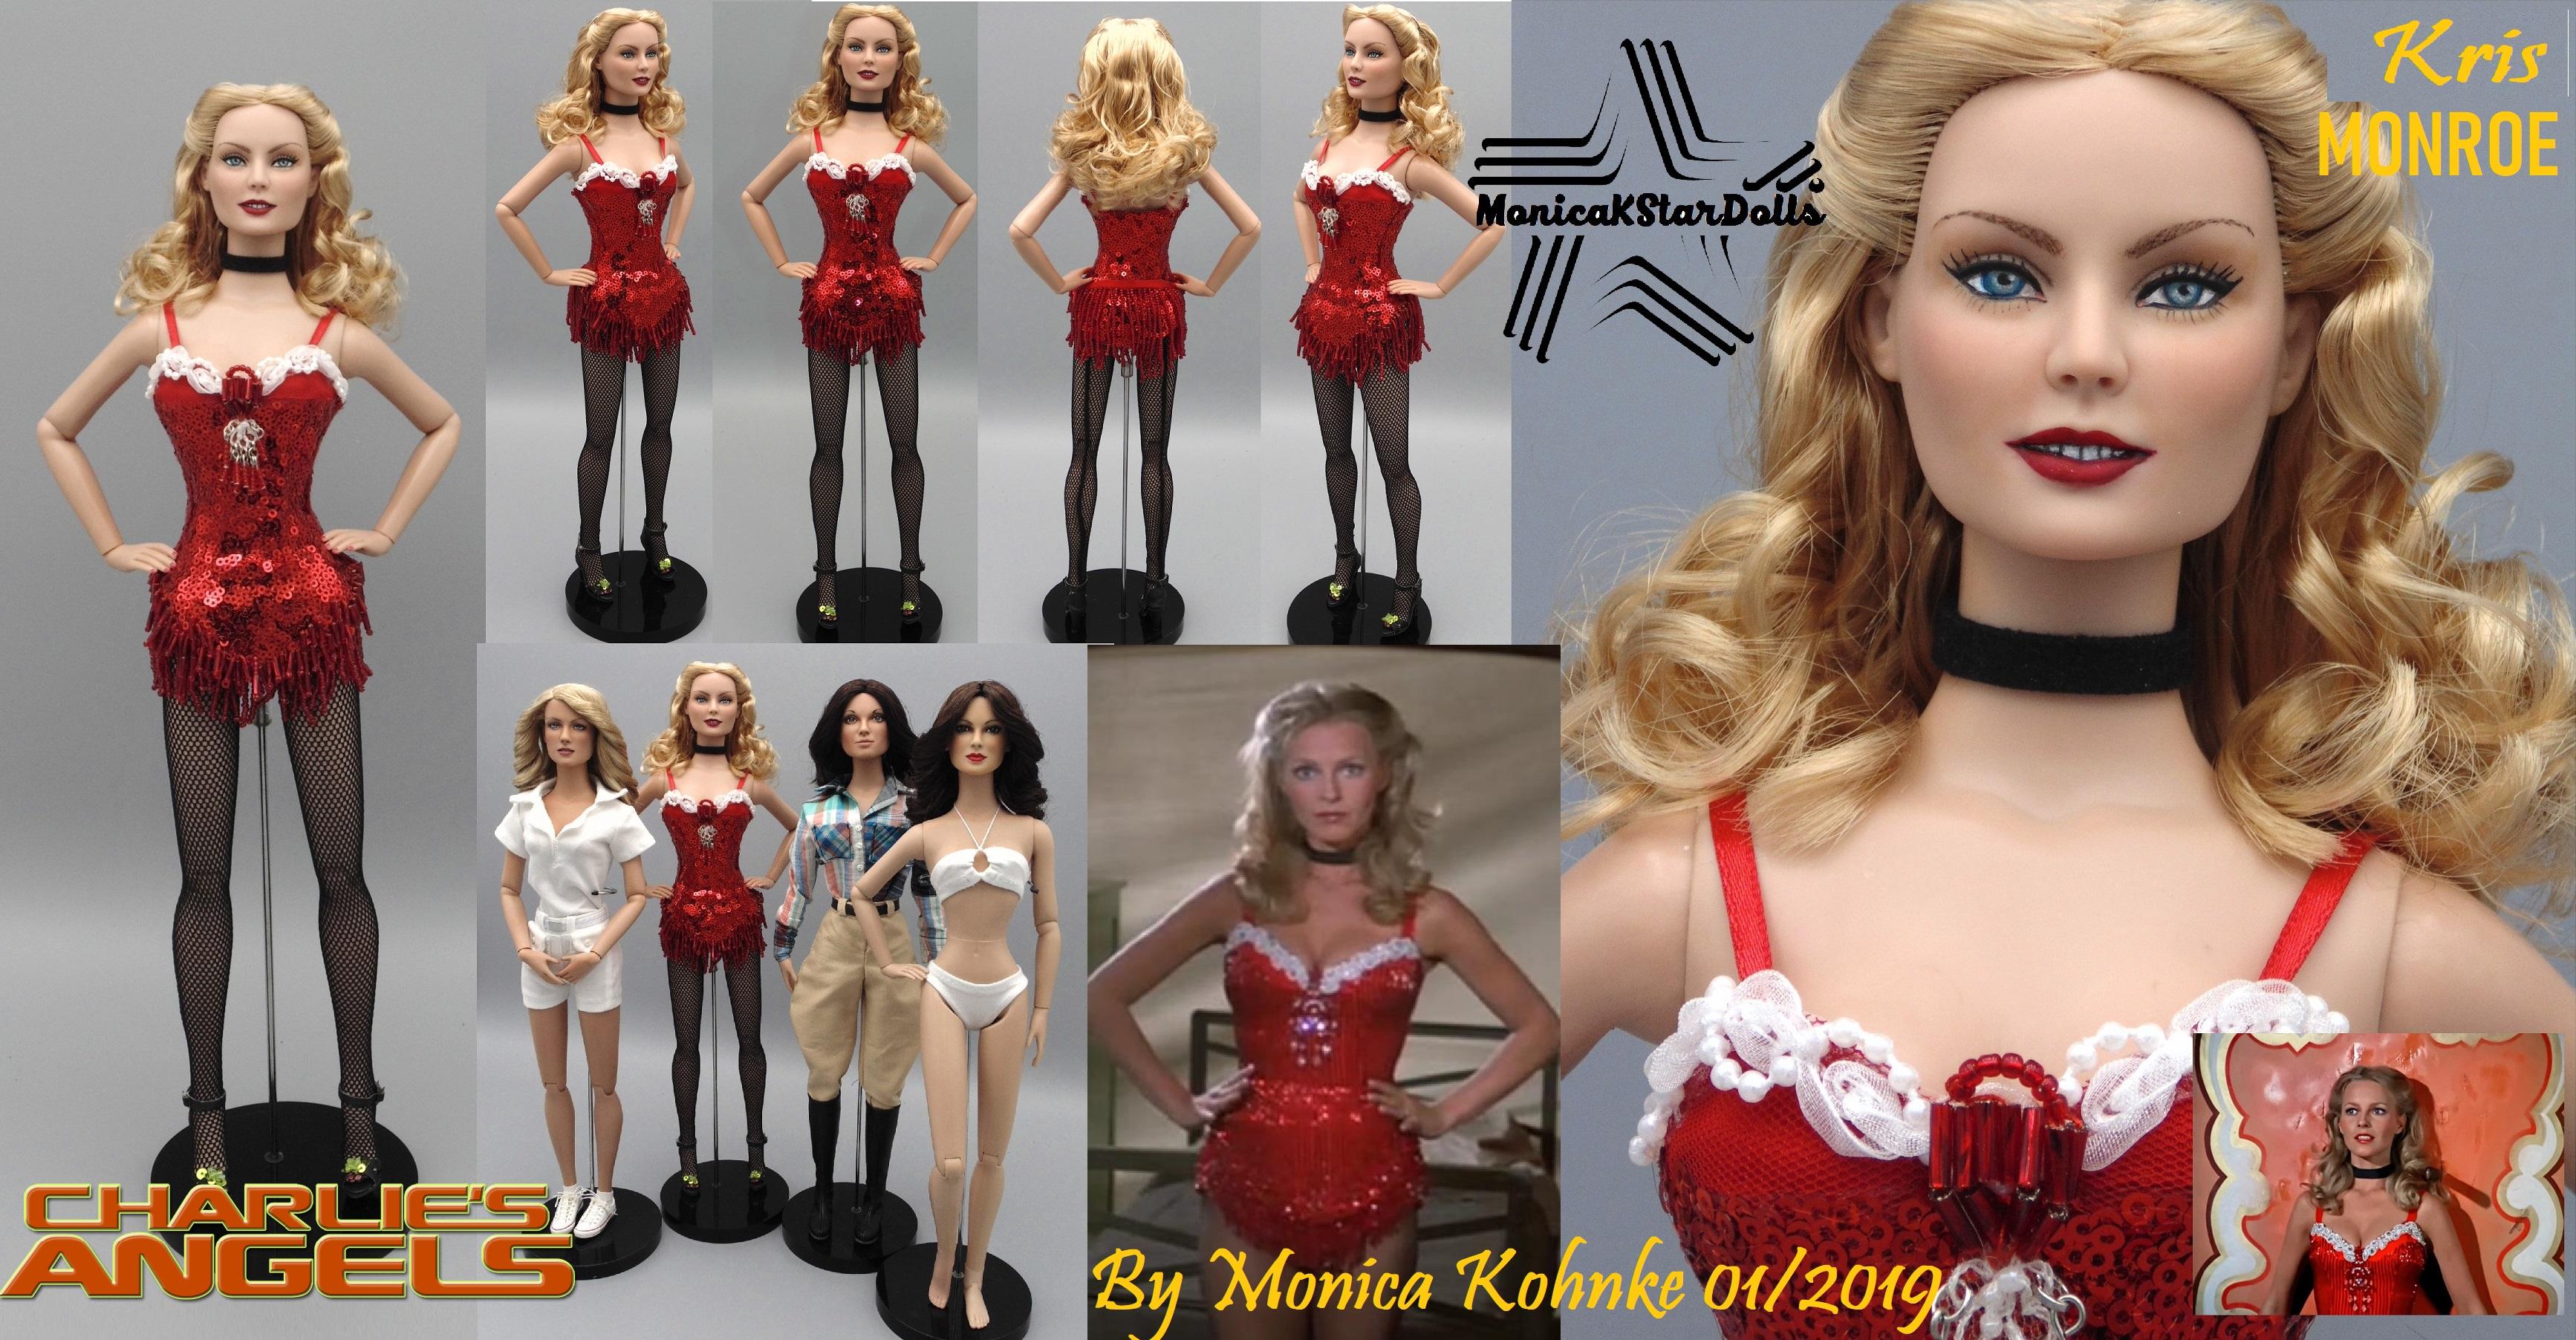 Kris Monroe Charlie's Angels